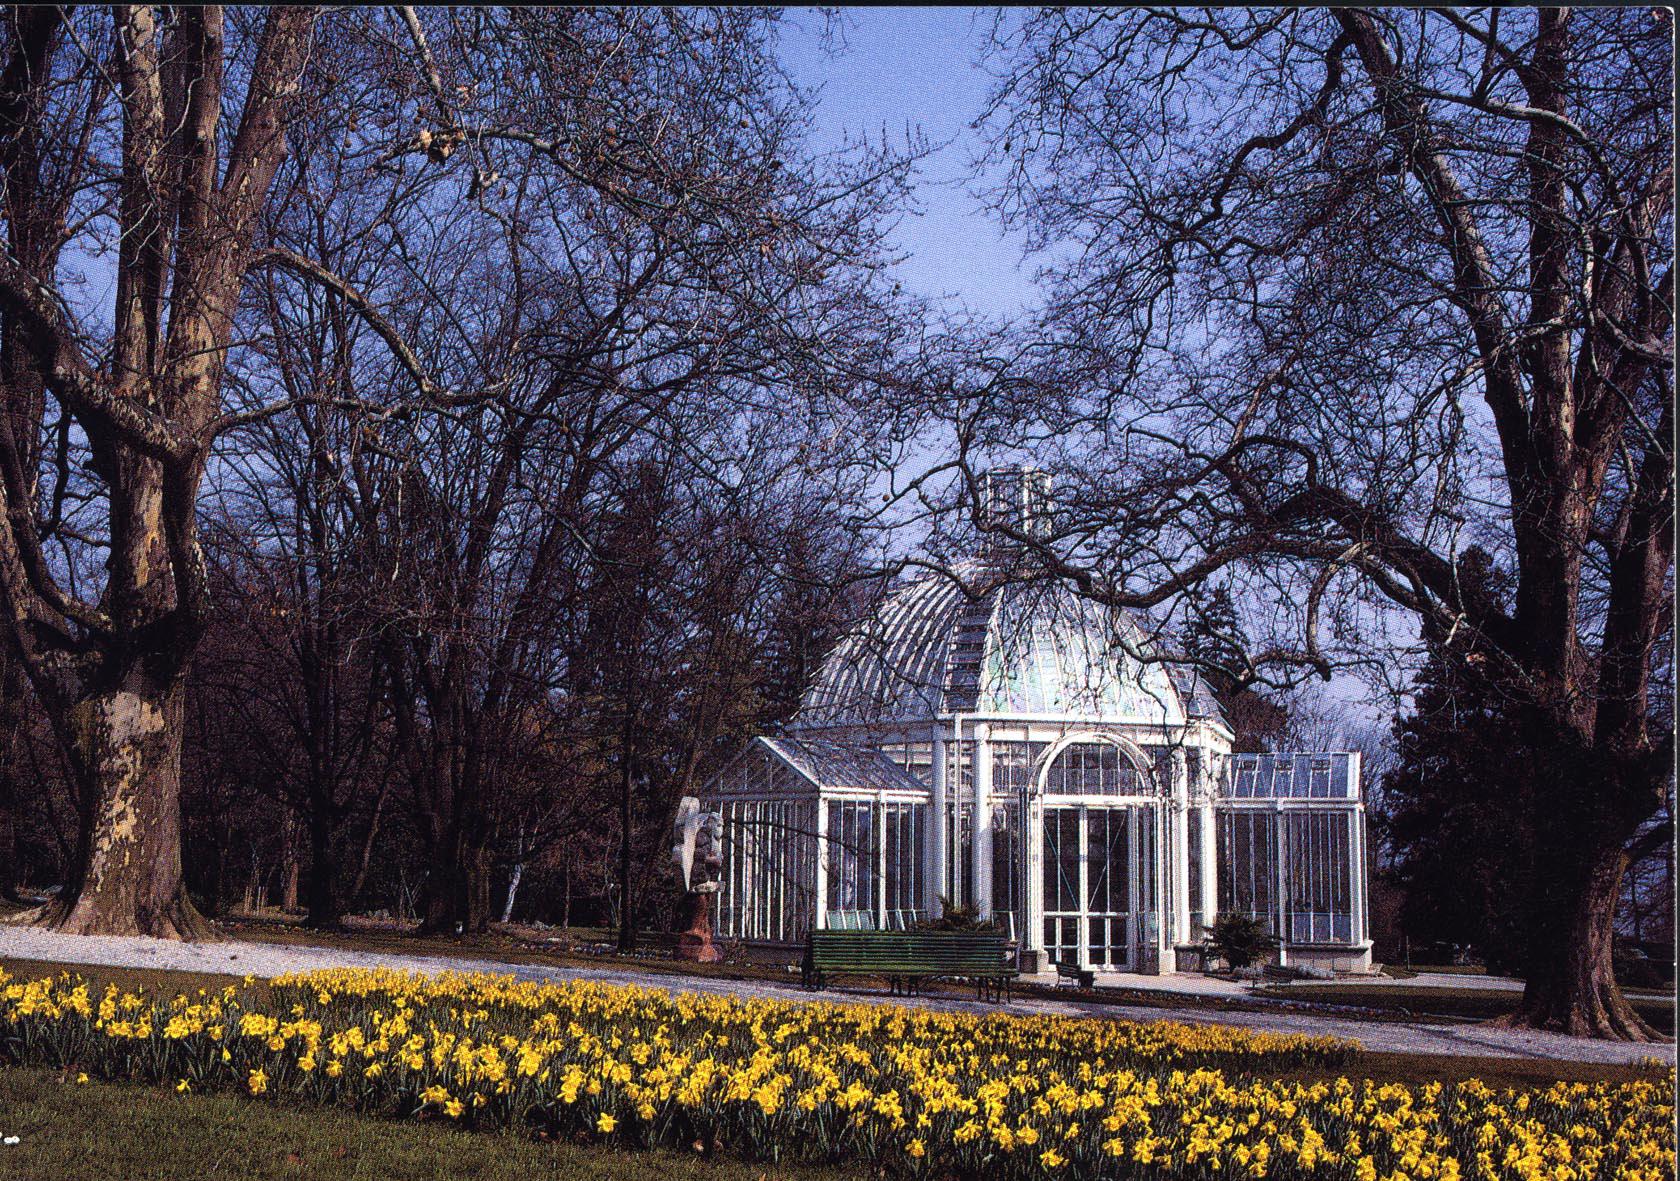 genve rue de lausanne serre tempre du jardin botanique - Jardin Botanique Geneve